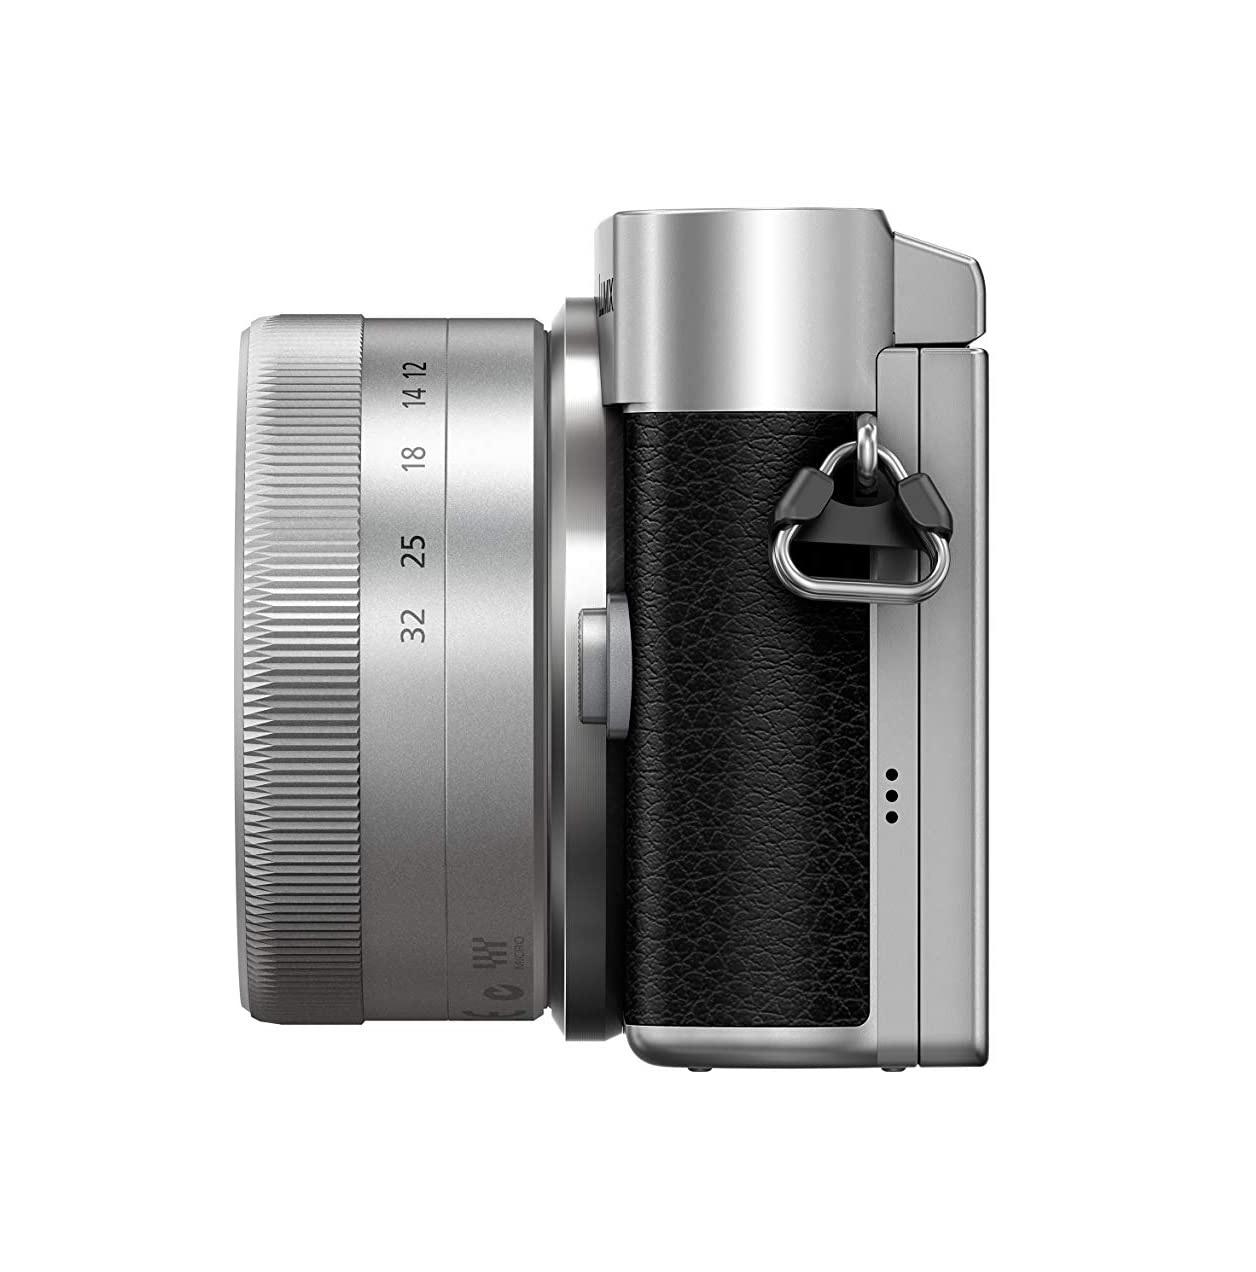 Lumix GX880 Noir/Argent + 12-32 mm f/3.5-5.6